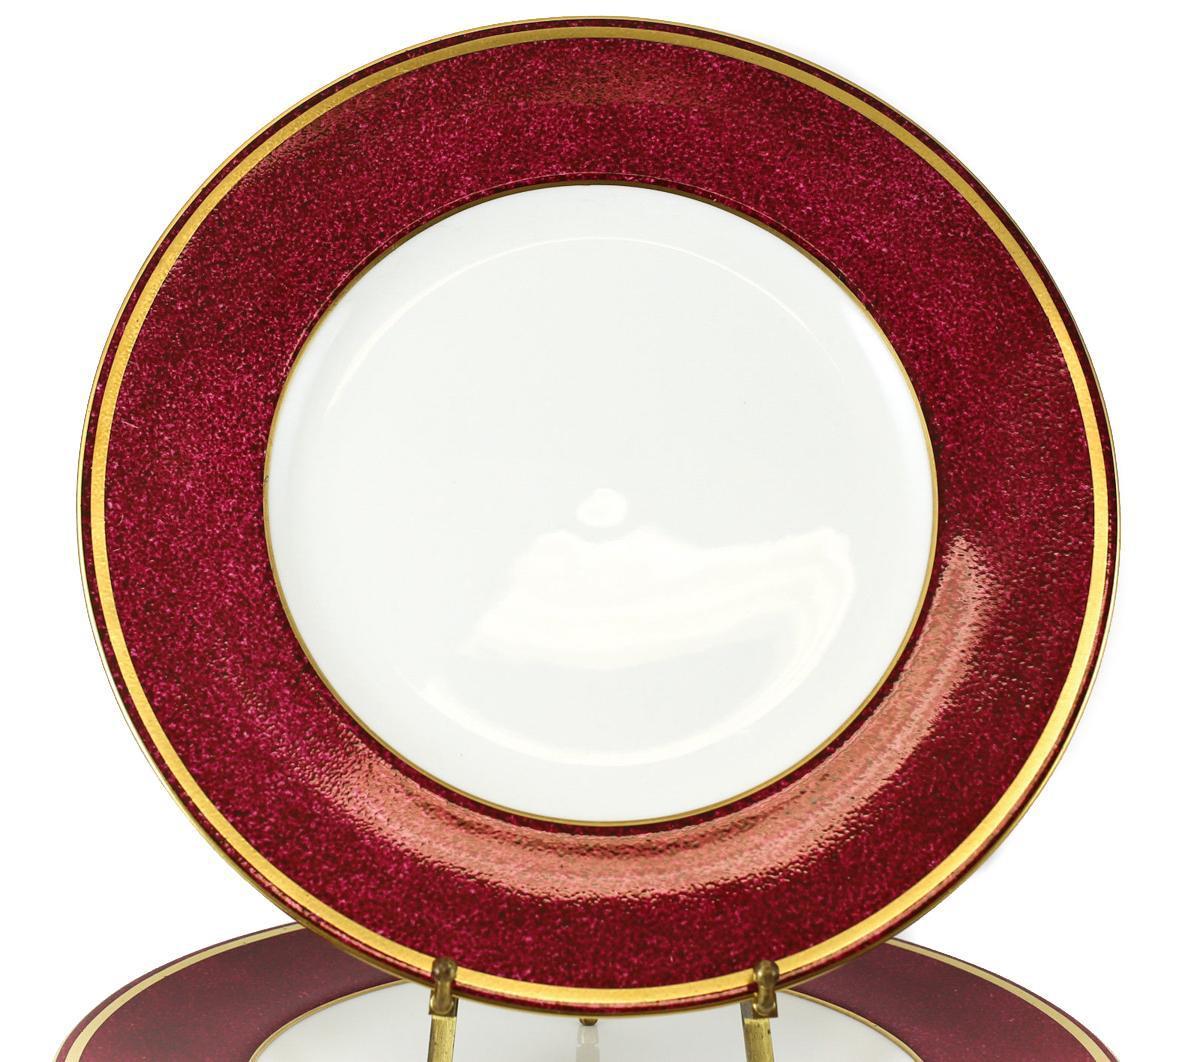 C 1960 Wedgwood Porcelain 10.5\  Dinner Plates in Swinburne Ruby - Set of 14 -  sc 1 st  Chairish & C 1960 Wedgwood Porcelain 10.5\